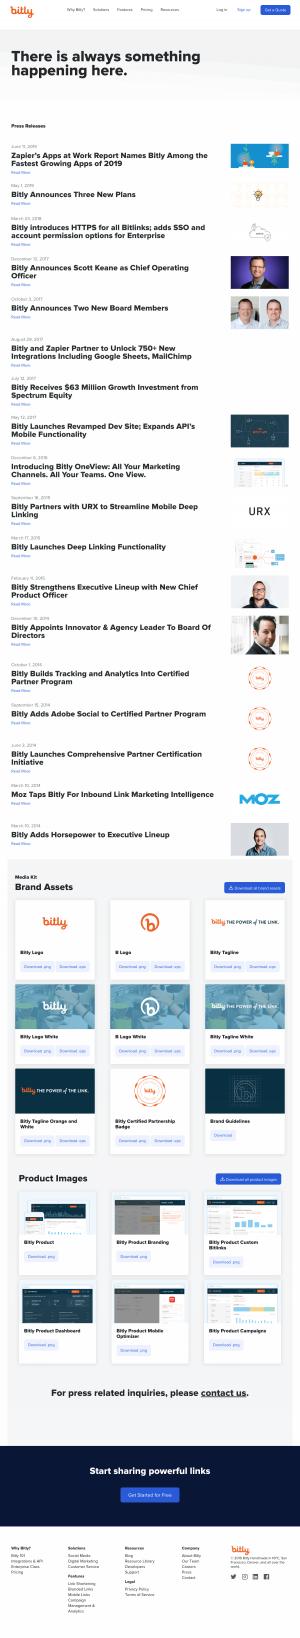 Media Kit page -bitly